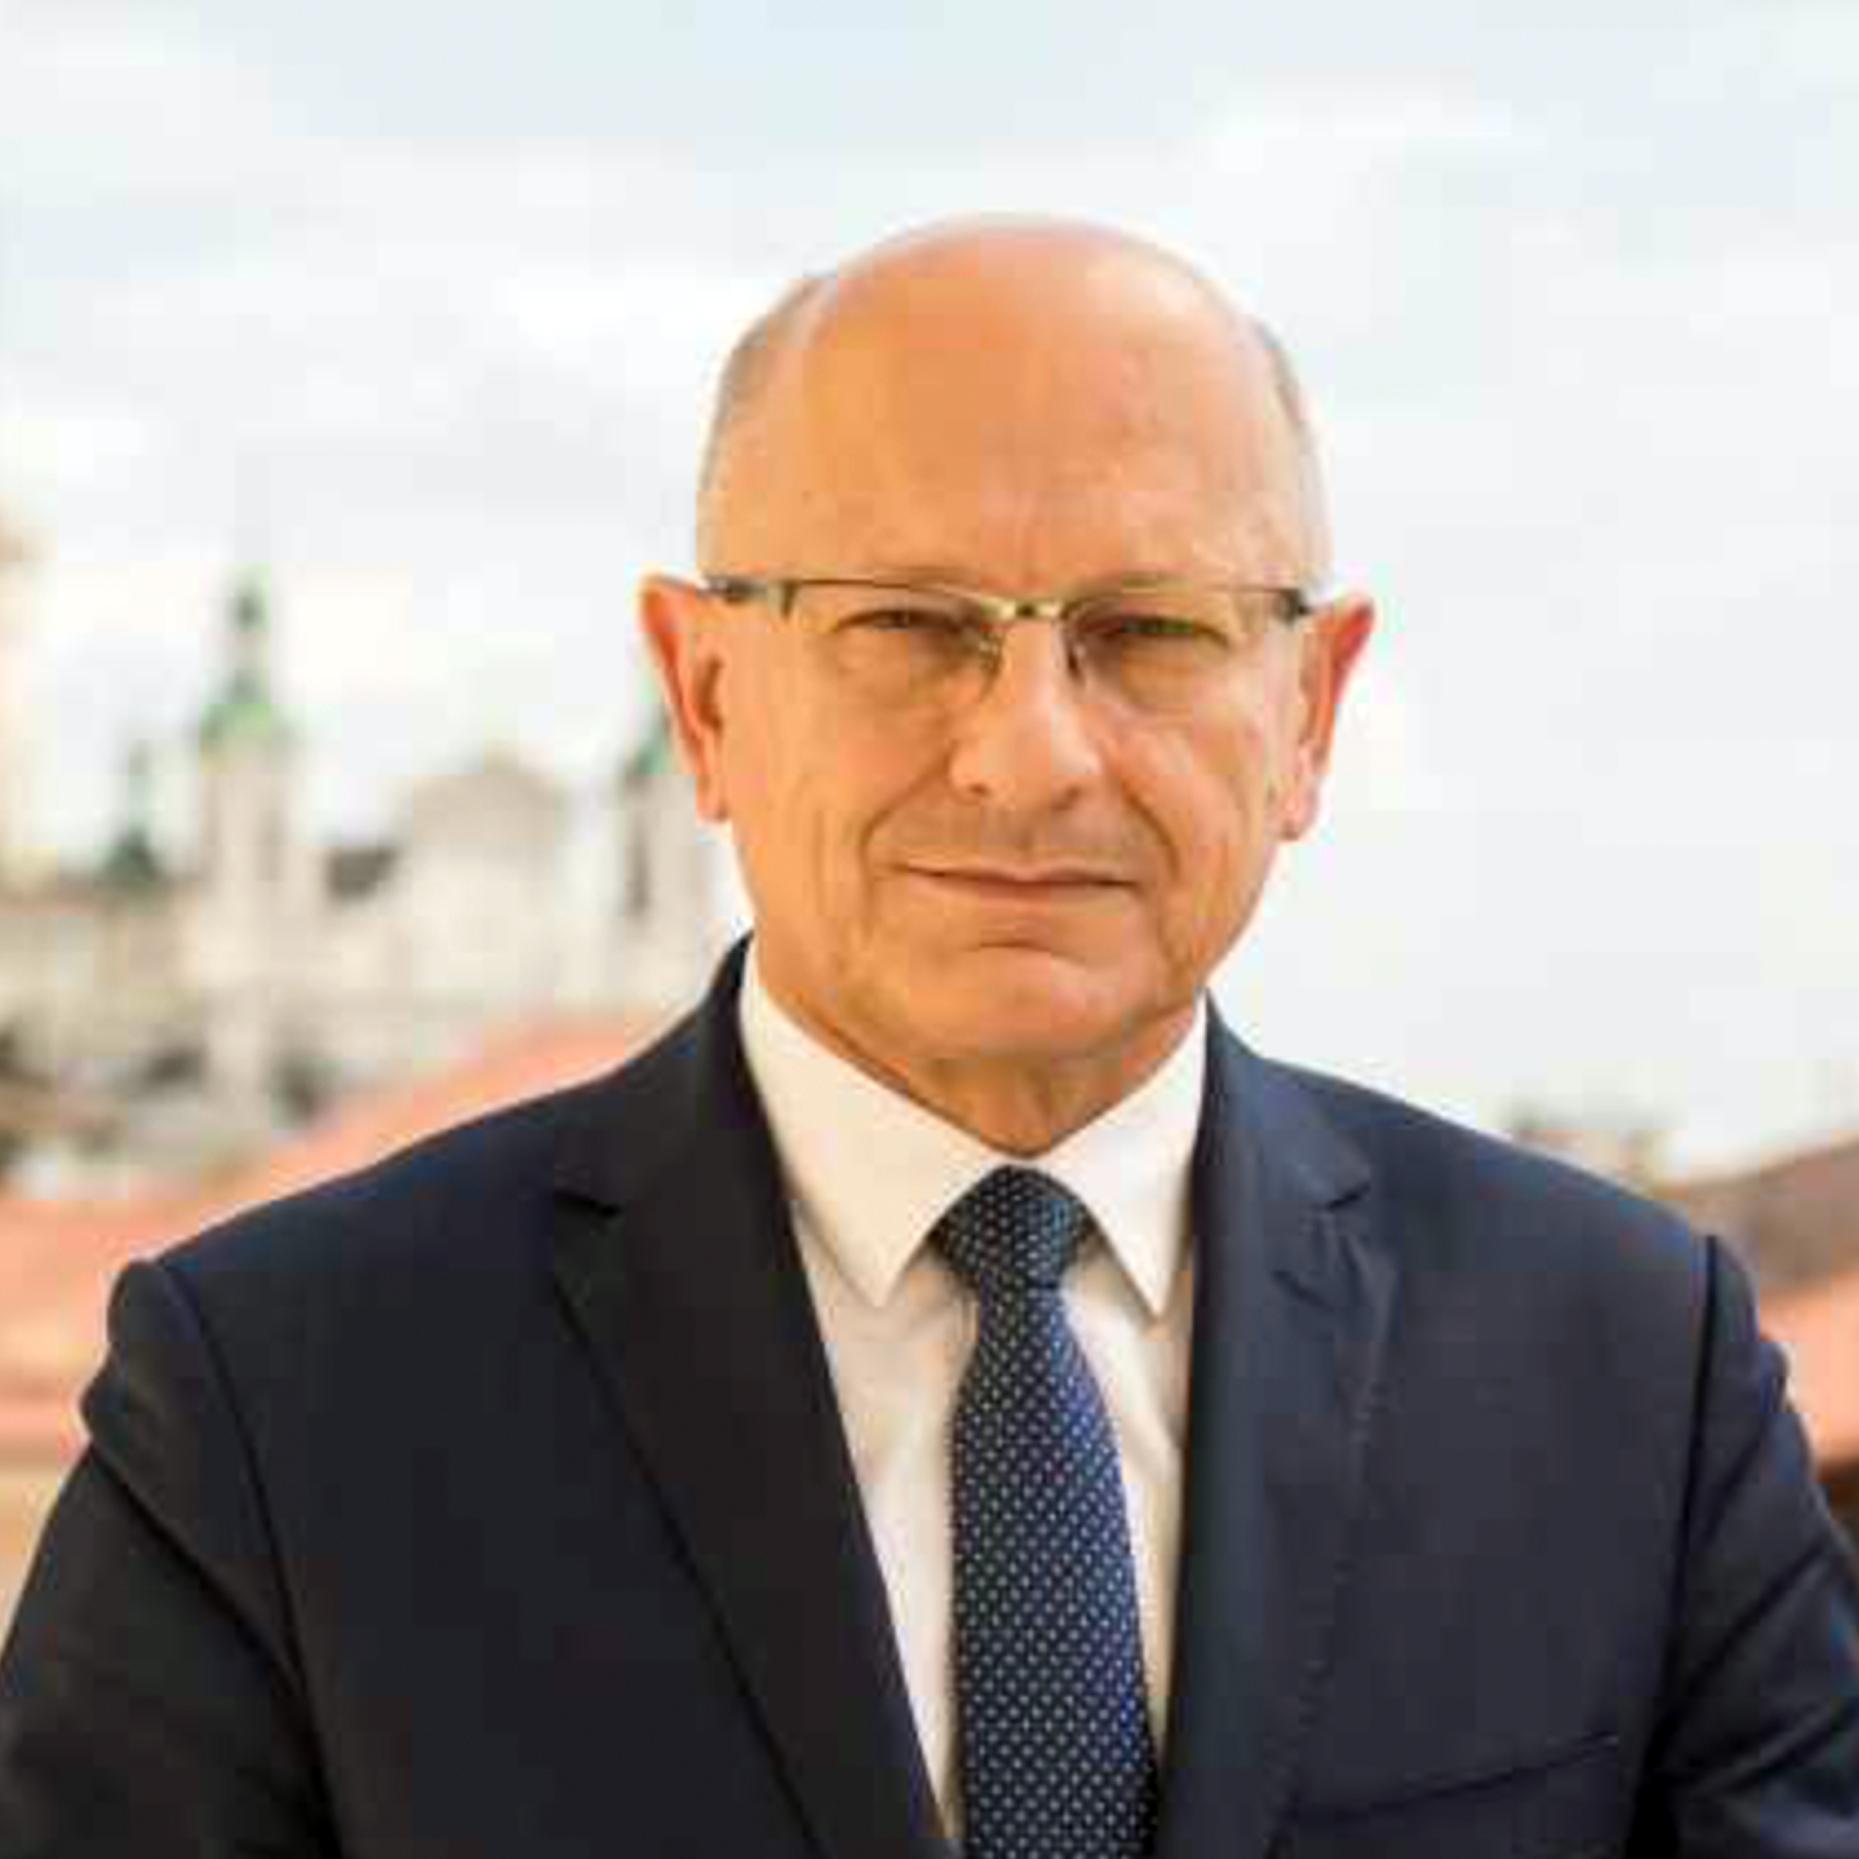 Krzysztof Żuk